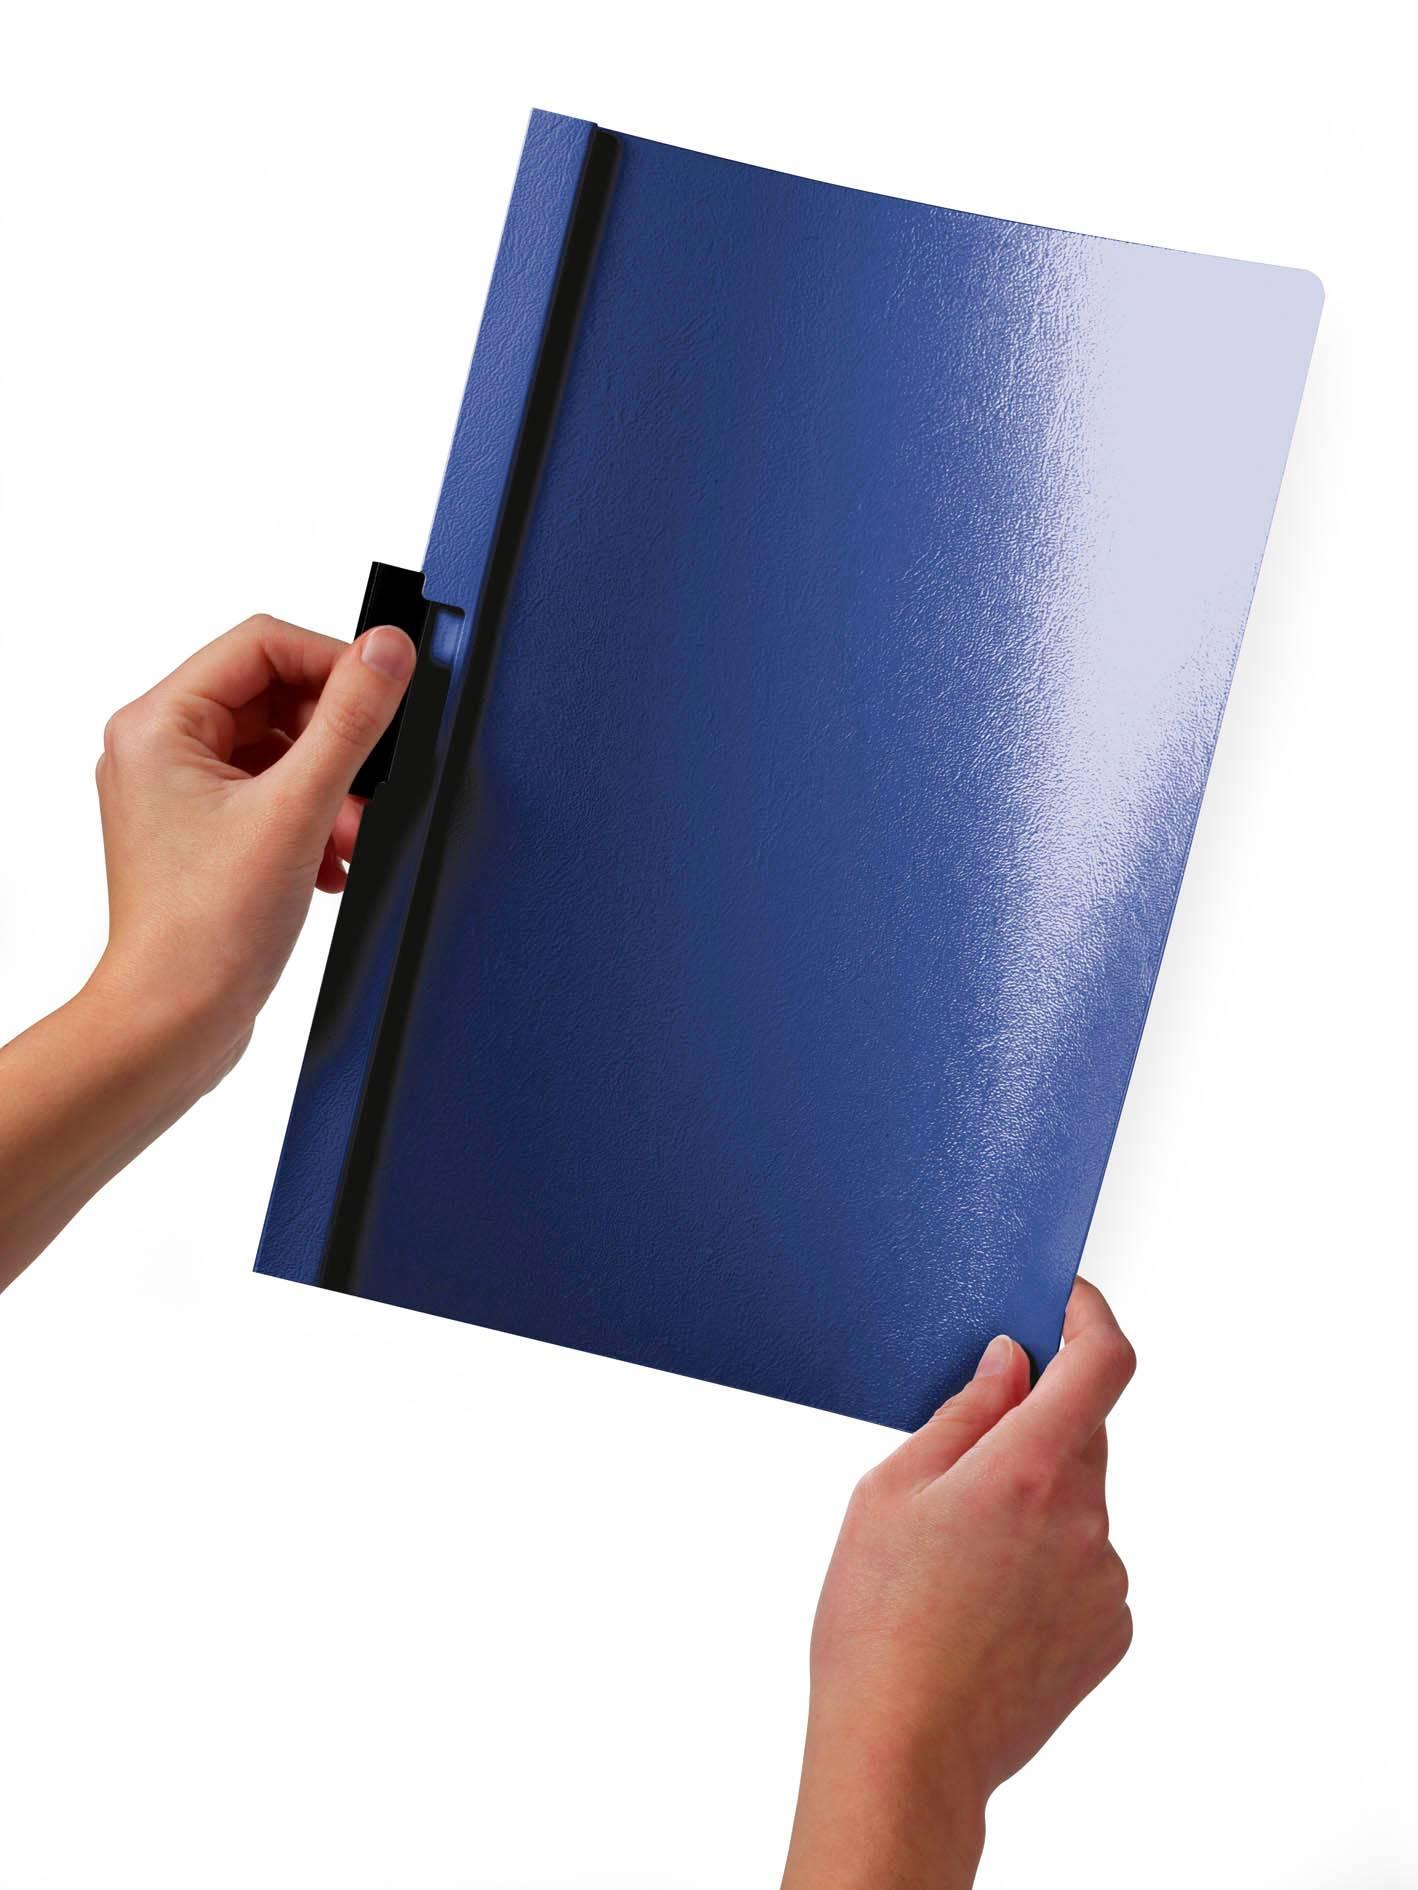 Папка-клип Durable Duraclip 30 с верхним прозрачным листом 1-30 листов черная - фото 1